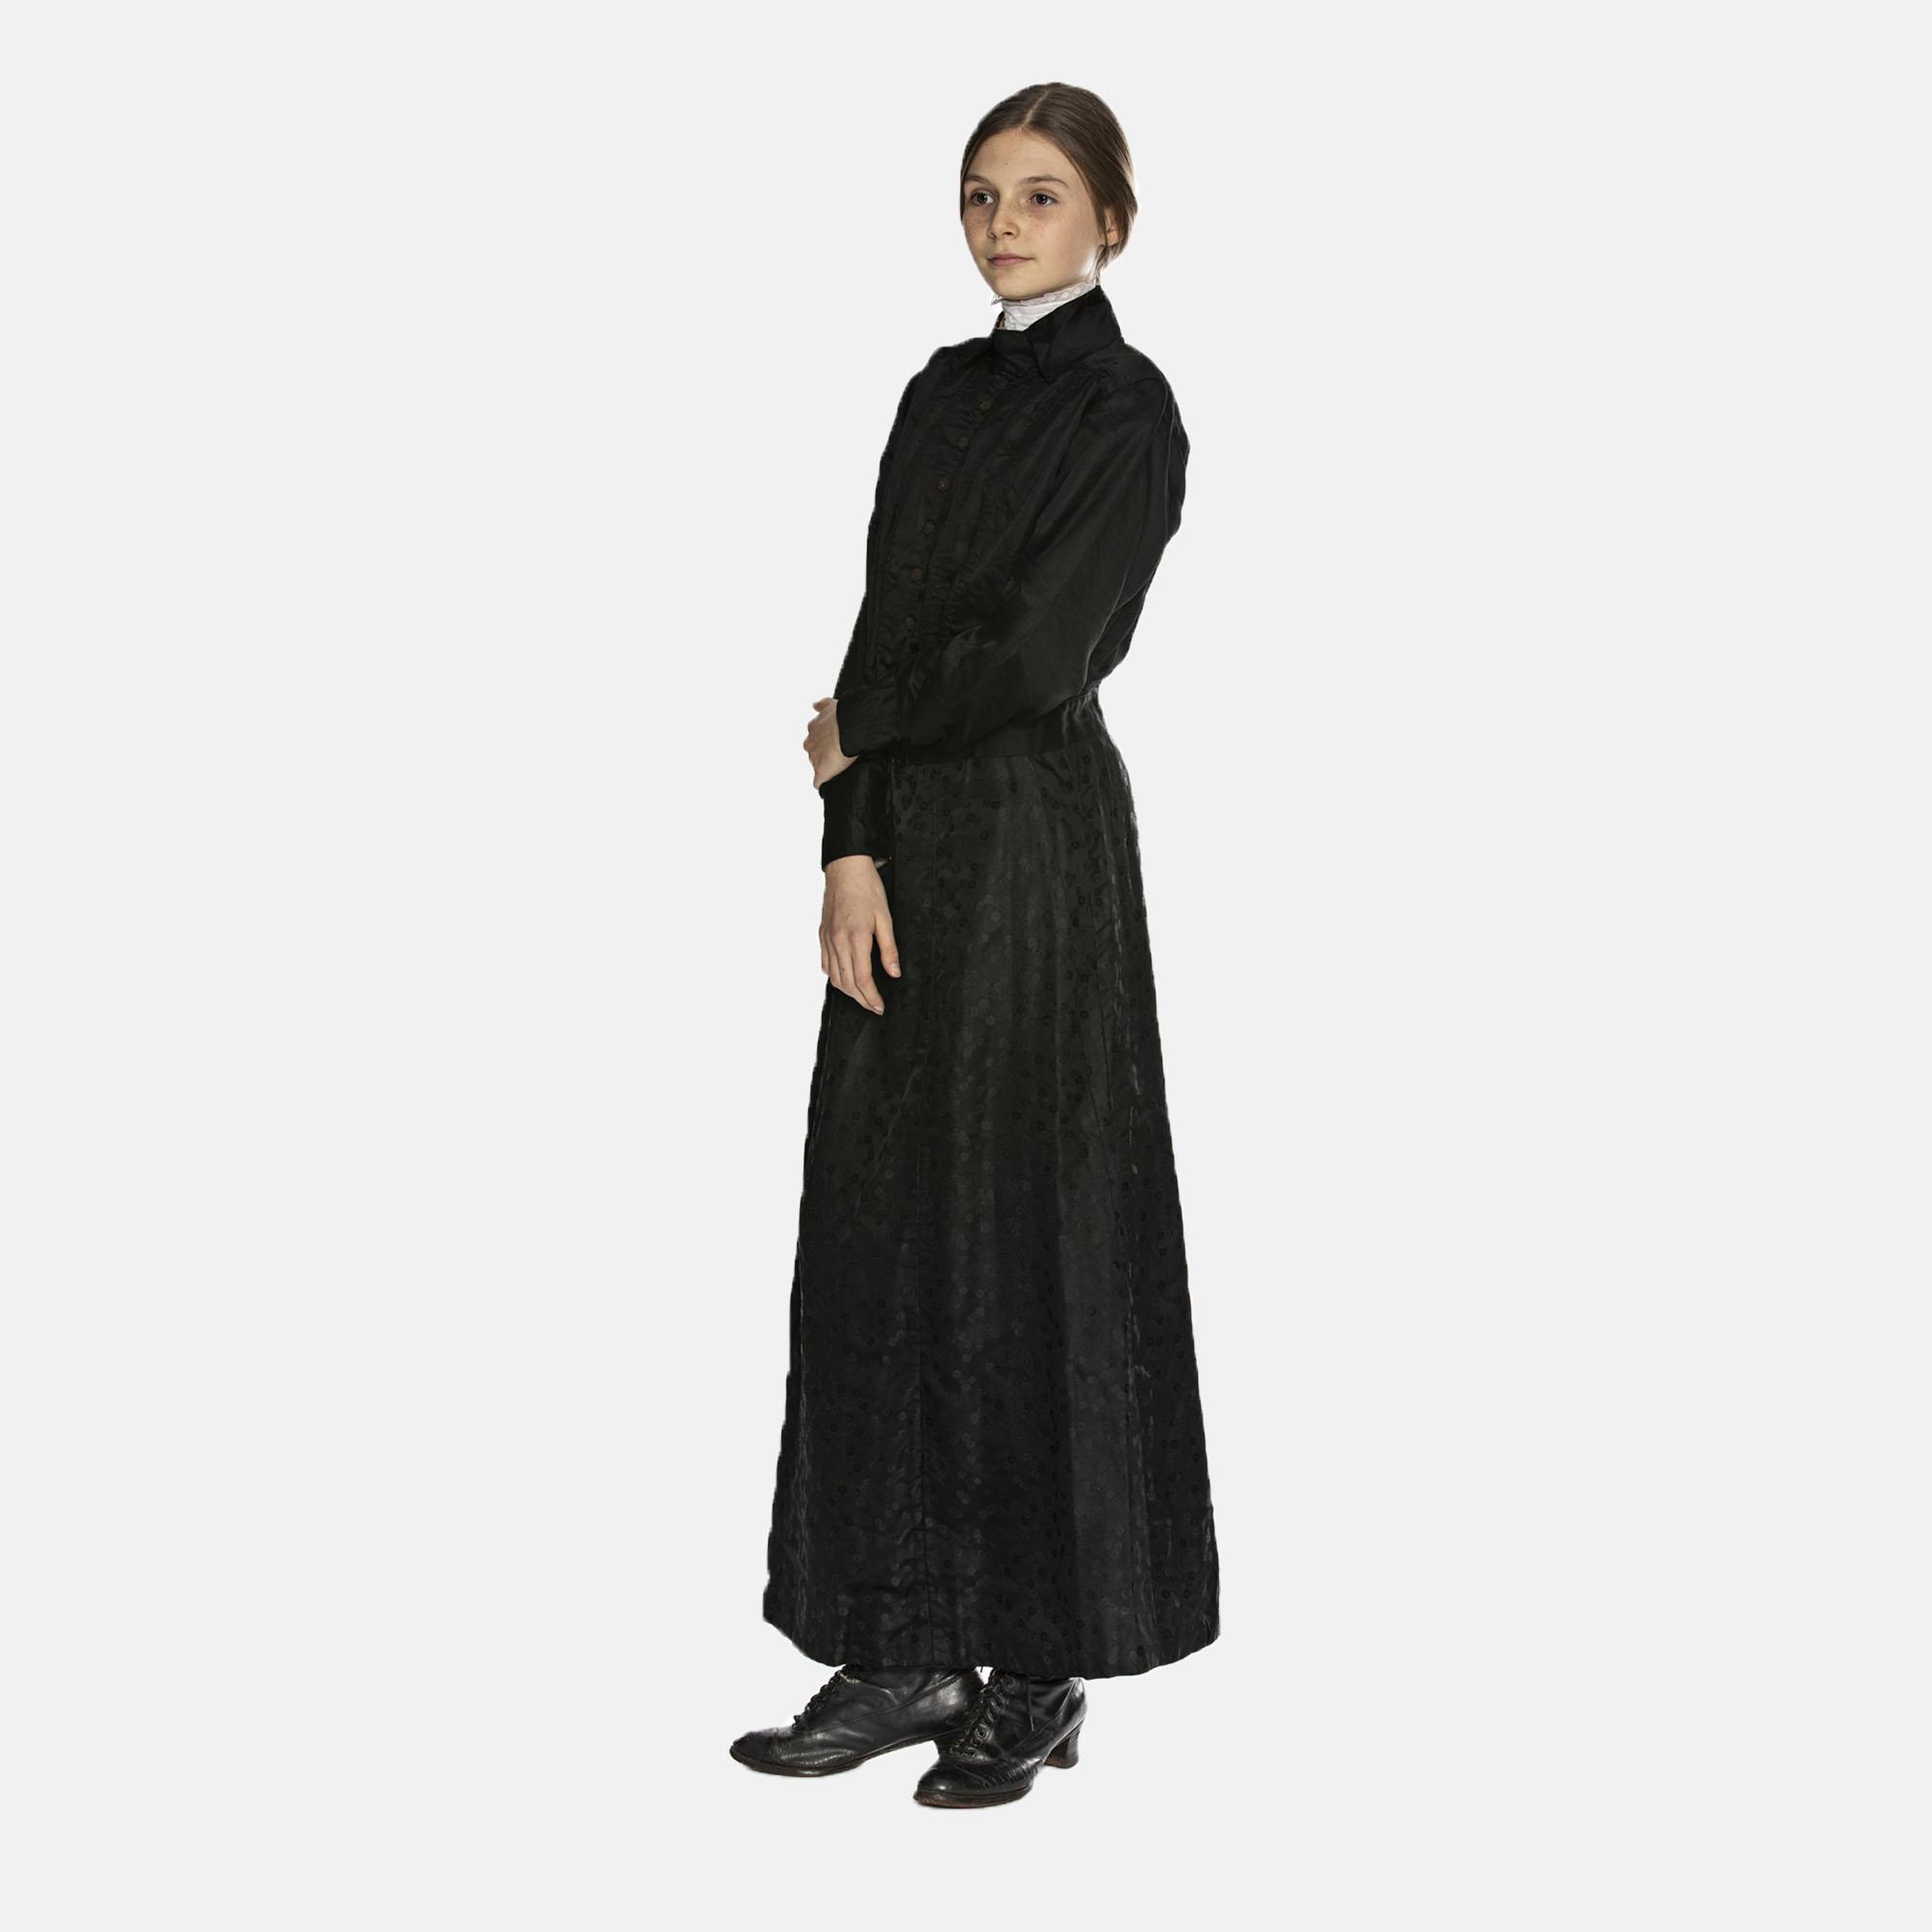 Pige i lang, sort, tilknappet kjole fra 1910'erne, læs om moden i 1910'erne, originalt tøj fra Tidens Samling, museum for klæder, form og bolig i det 20. århundrede, Kulturmaskinen, Farvergården, Brandts Klædefabrik, Odense